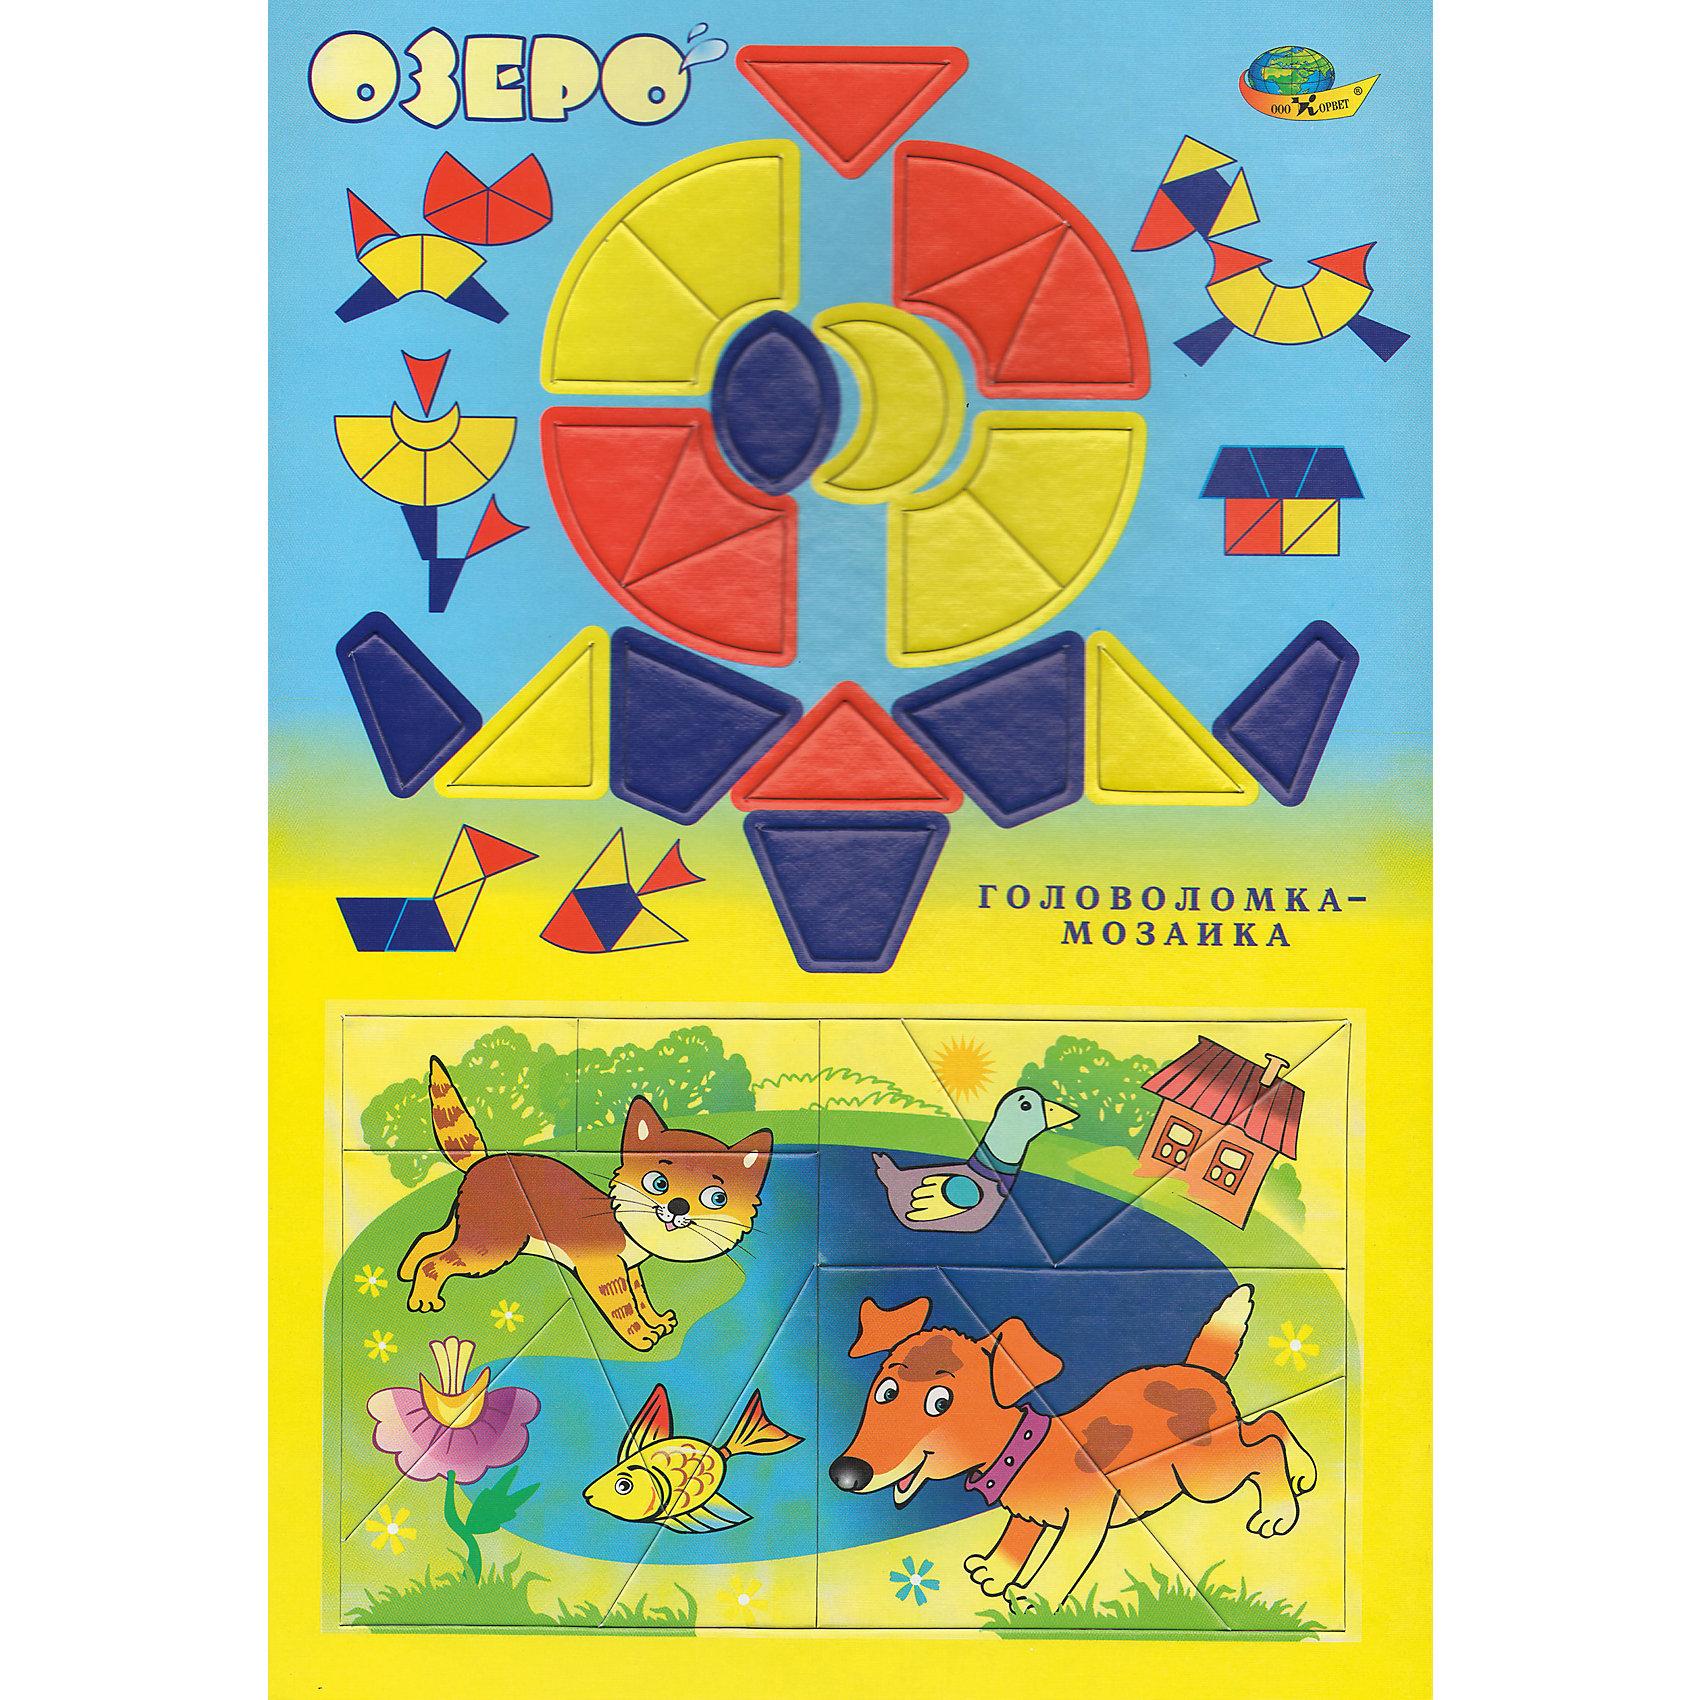 Развивающая головоломка-мозаика ОзероМозаика<br>Для полезного и приятного общения детей и взрослых. Игра служит для развития восприятия, пространственной ориентации, мелкой моторики, внимания, фантазии, речи. Предложенные для собирания фигурки могут оказаться персонажами историй, которые Вы придумаете вместе с Вашим ребенком. Например, про кошку с котенком или двух друзей-щенков...<br><br>Ширина мм: 30<br>Глубина мм: 21<br>Высота мм: 1<br>Вес г: 140<br>Возраст от месяцев: 48<br>Возраст до месяцев: 2147483647<br>Пол: Унисекс<br>Возраст: Детский<br>SKU: 4803027